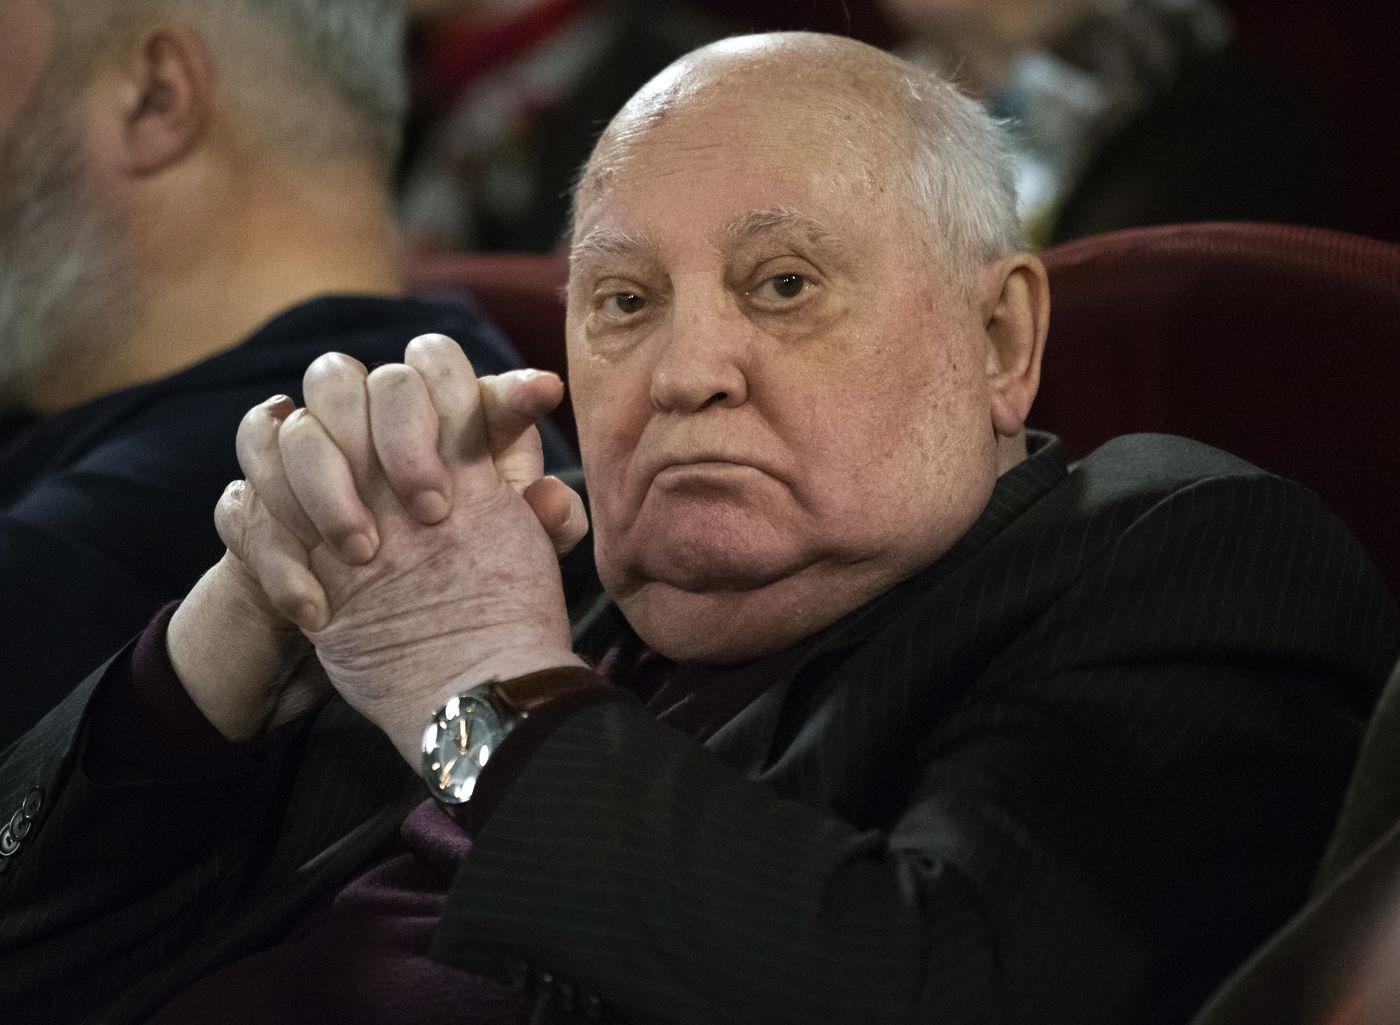 გორბაჩოვი აშშ-ისა და რუსეთის ლიდერებს მოუწოდებს, ცივი ომის პერიოდში დაბრუნებისგან თავი შეიკავონ